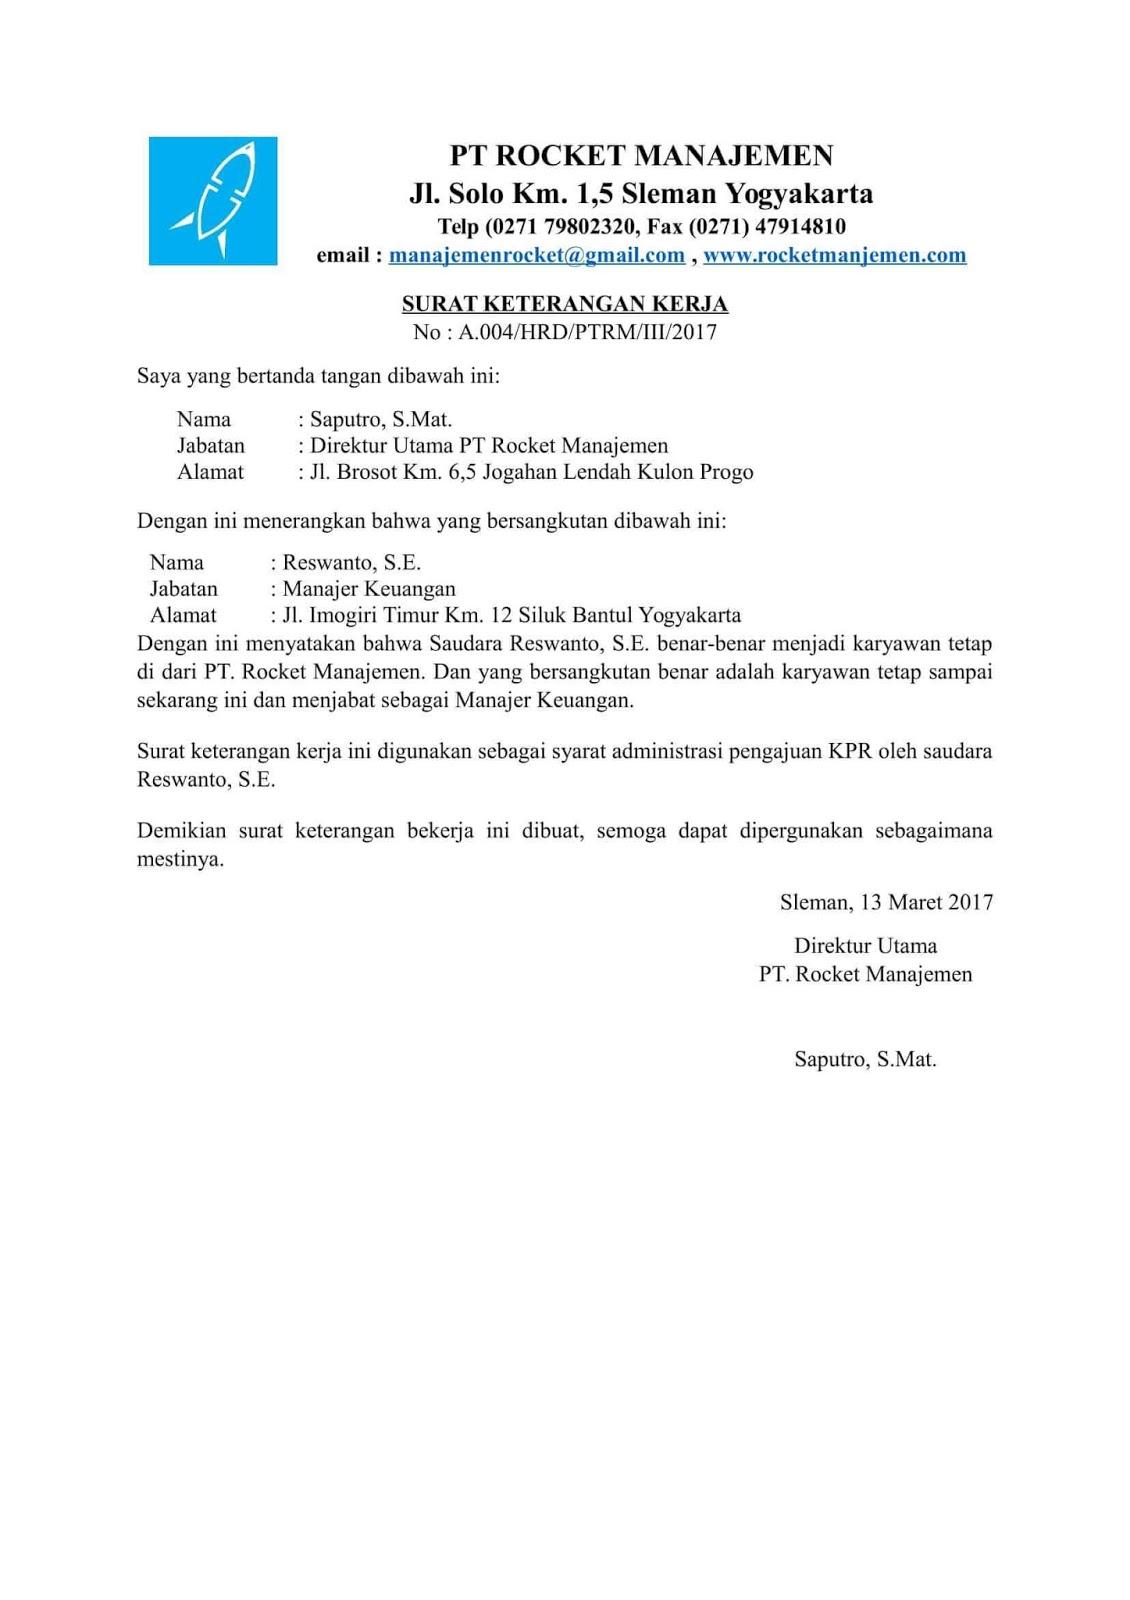 Contoh surat keterangan karyawan contohsuratmu contoh surat keterangan kerja untuk kpr thecheapjerseys Image collections